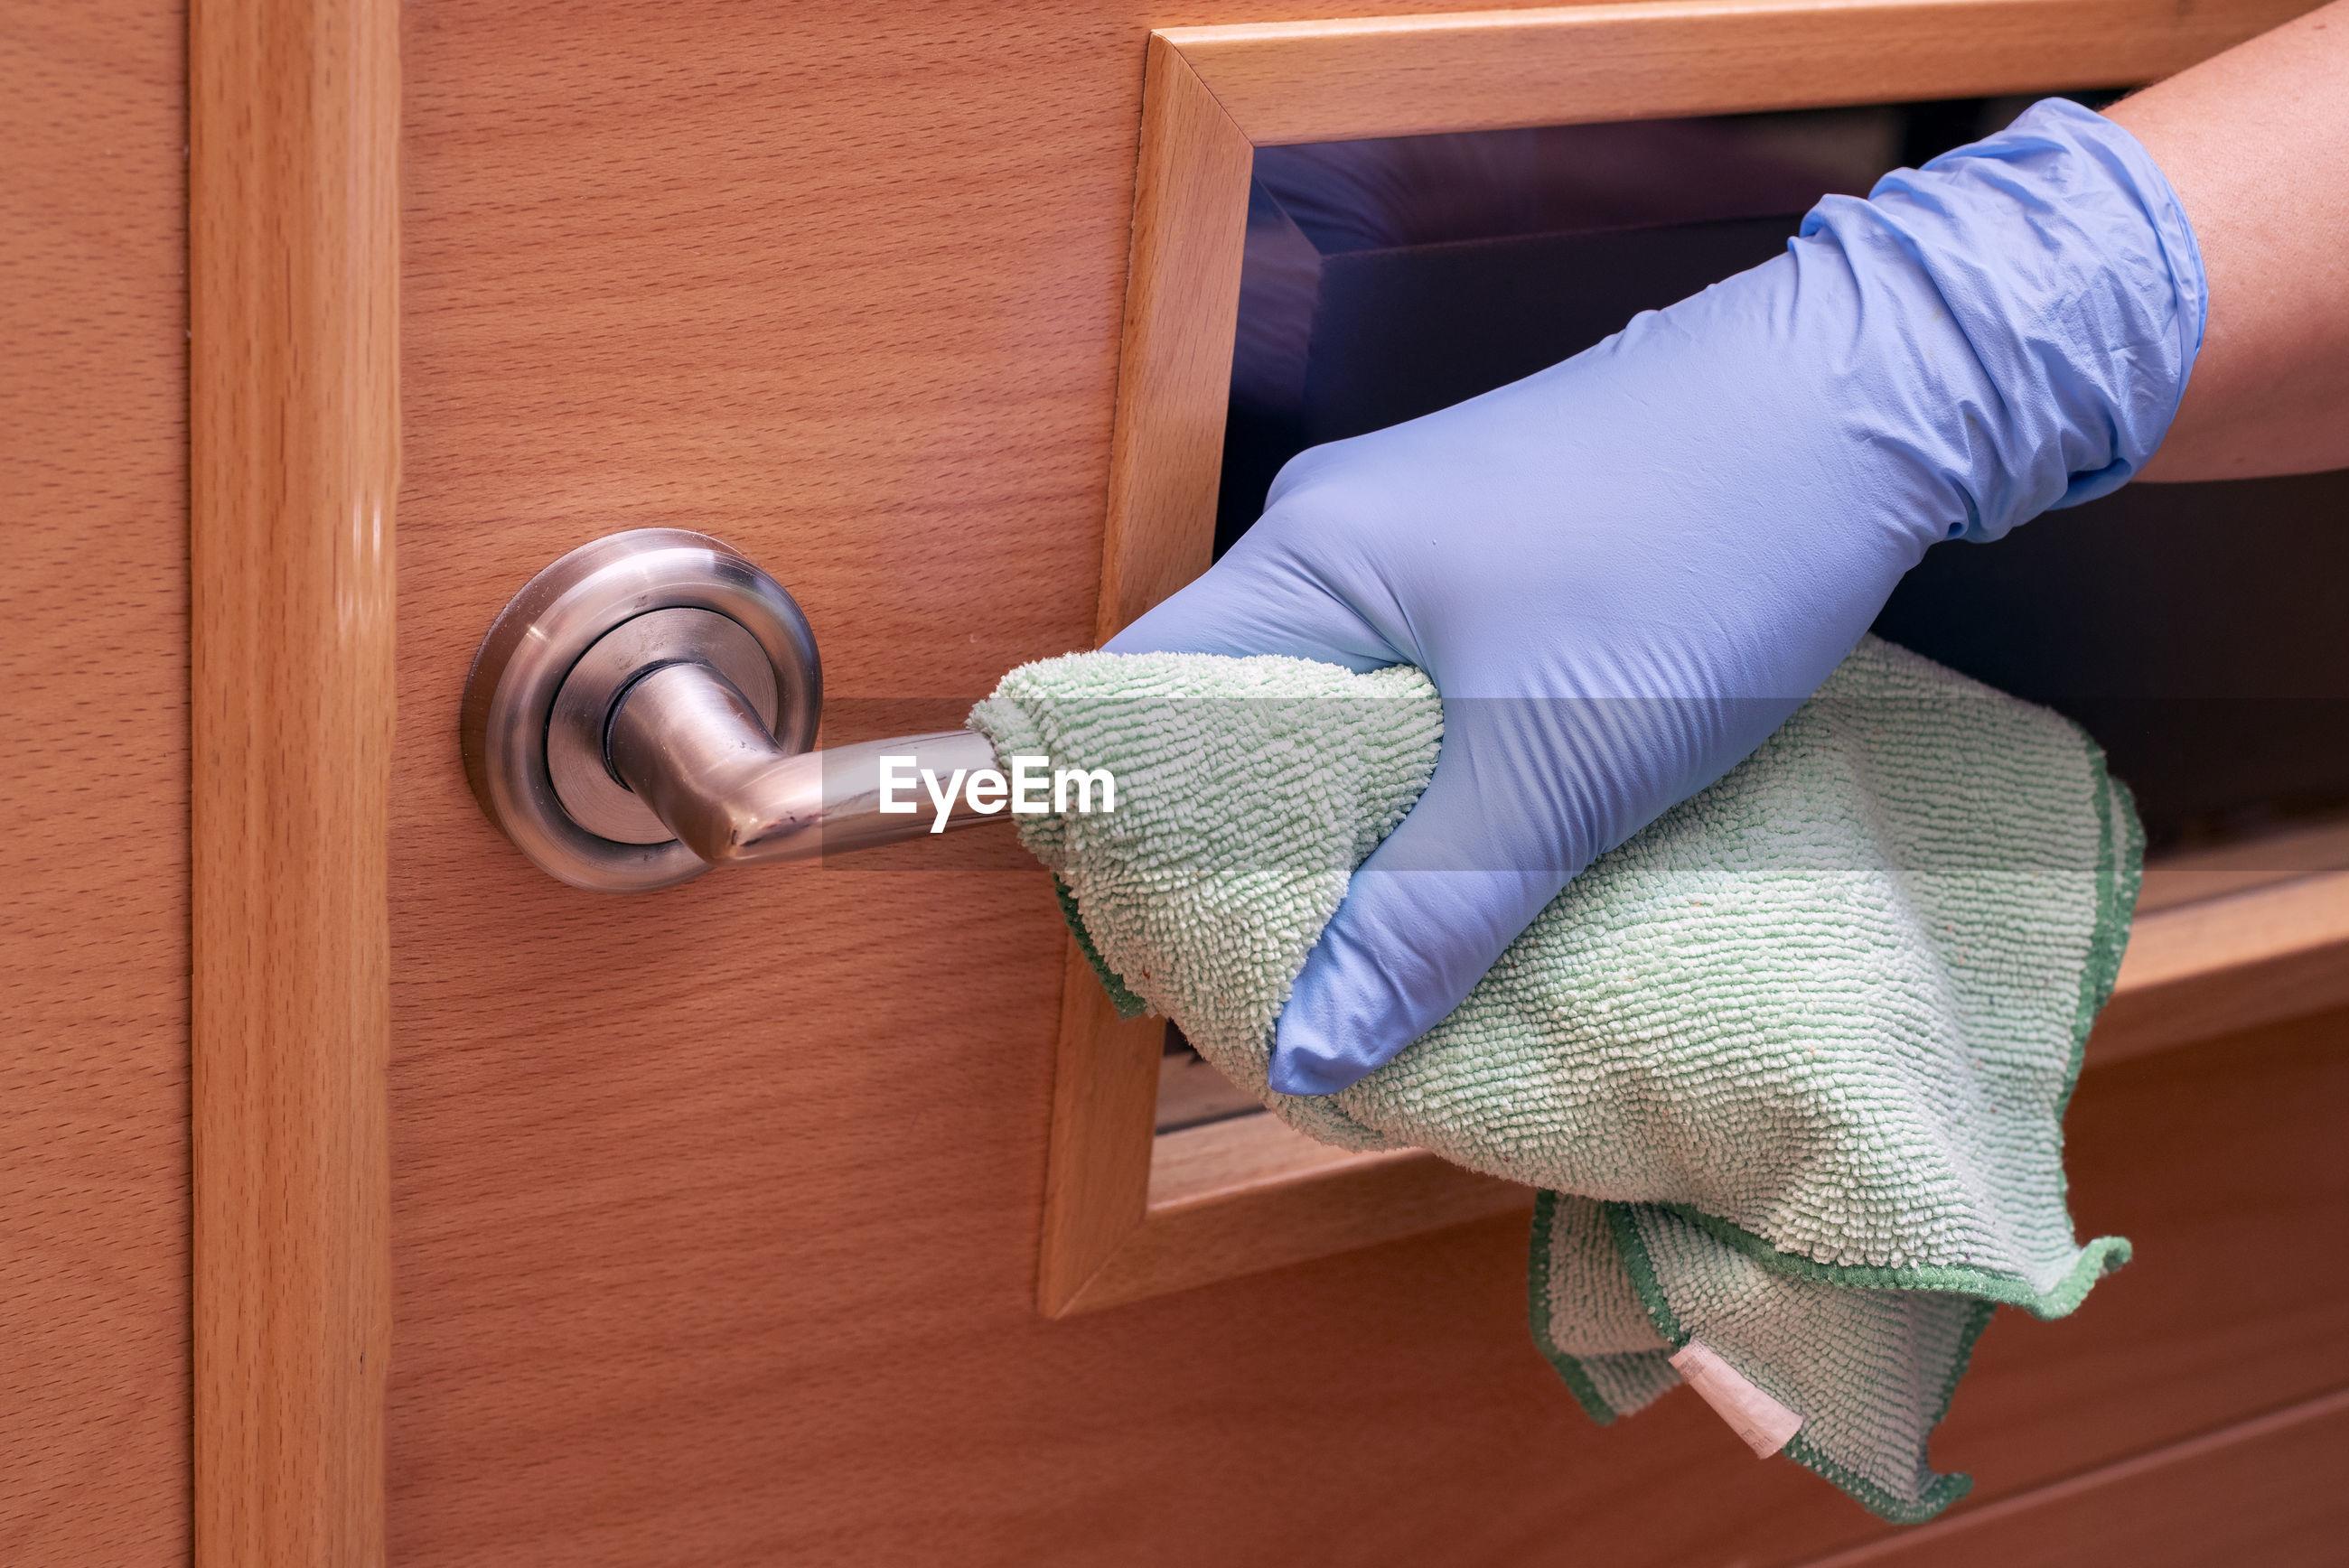 Close-up of human hand on wooden door